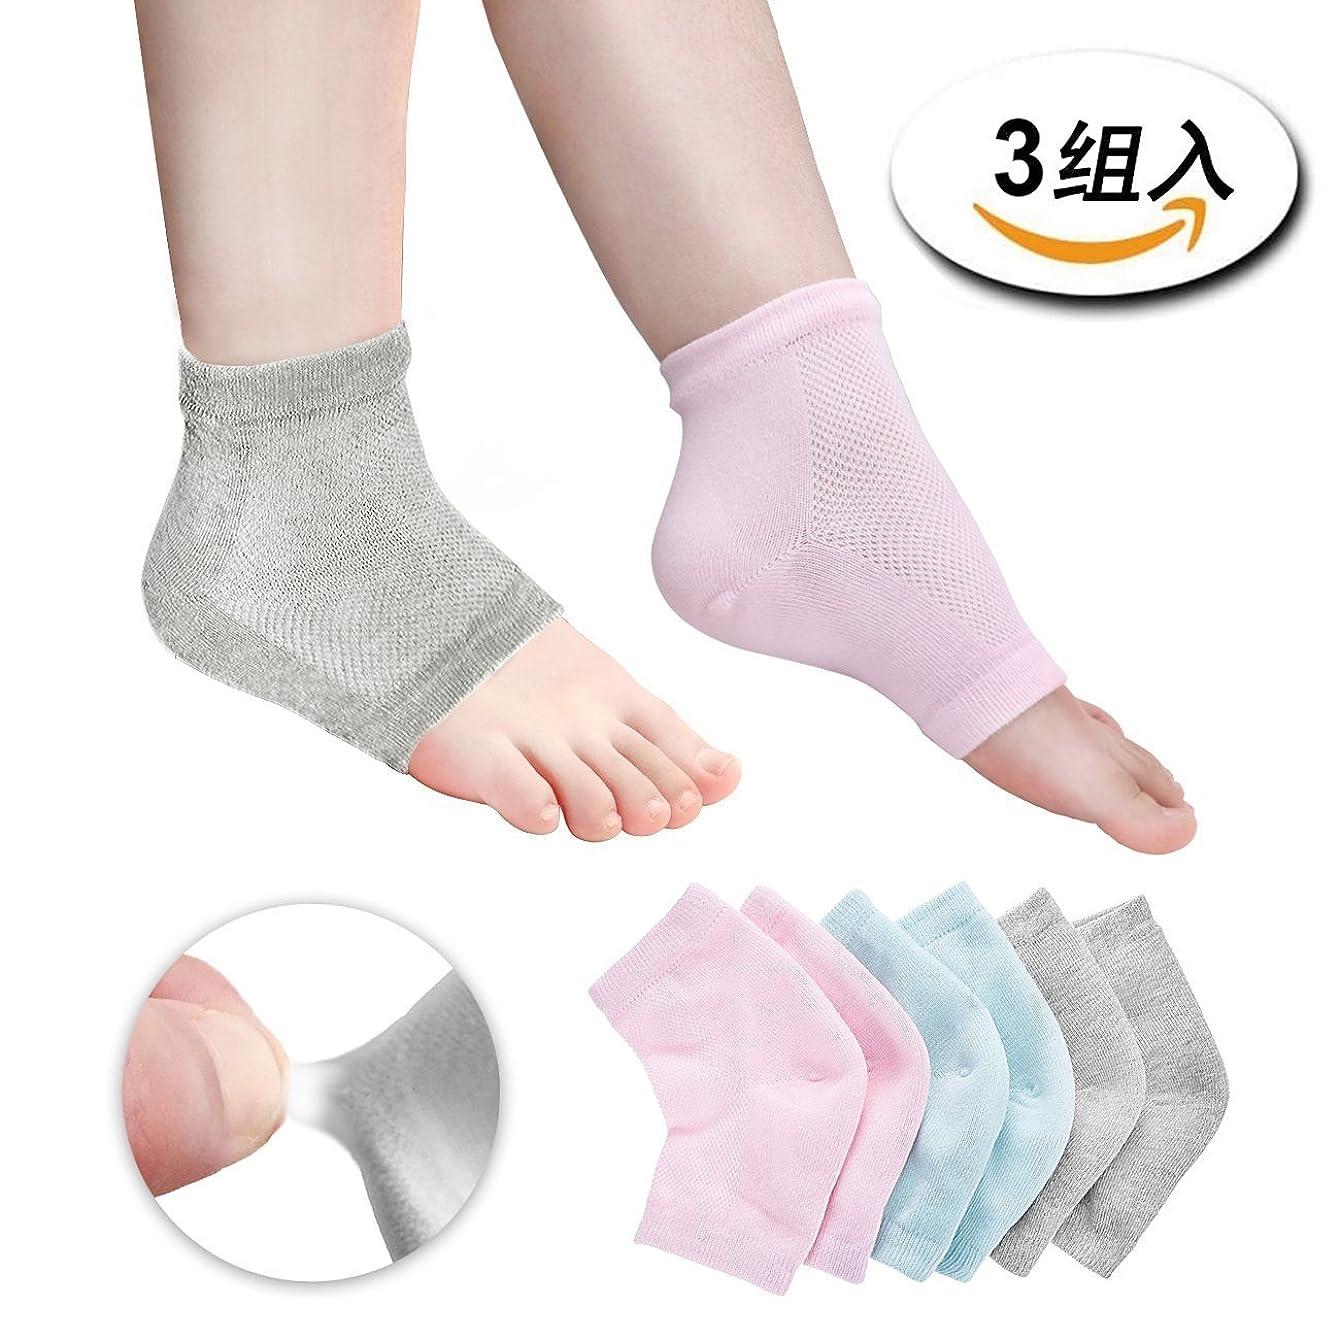 抽象化複数プロジェクターDreecy かかと 靴下 かかと ケア つるつる 靴下 [3足入] ソックス レディース メンズ かかと ひび割れ 靴下 角質 ケア 保湿 角質除去 足ケア かかと ツルツル ソックス すべすべ 靴下